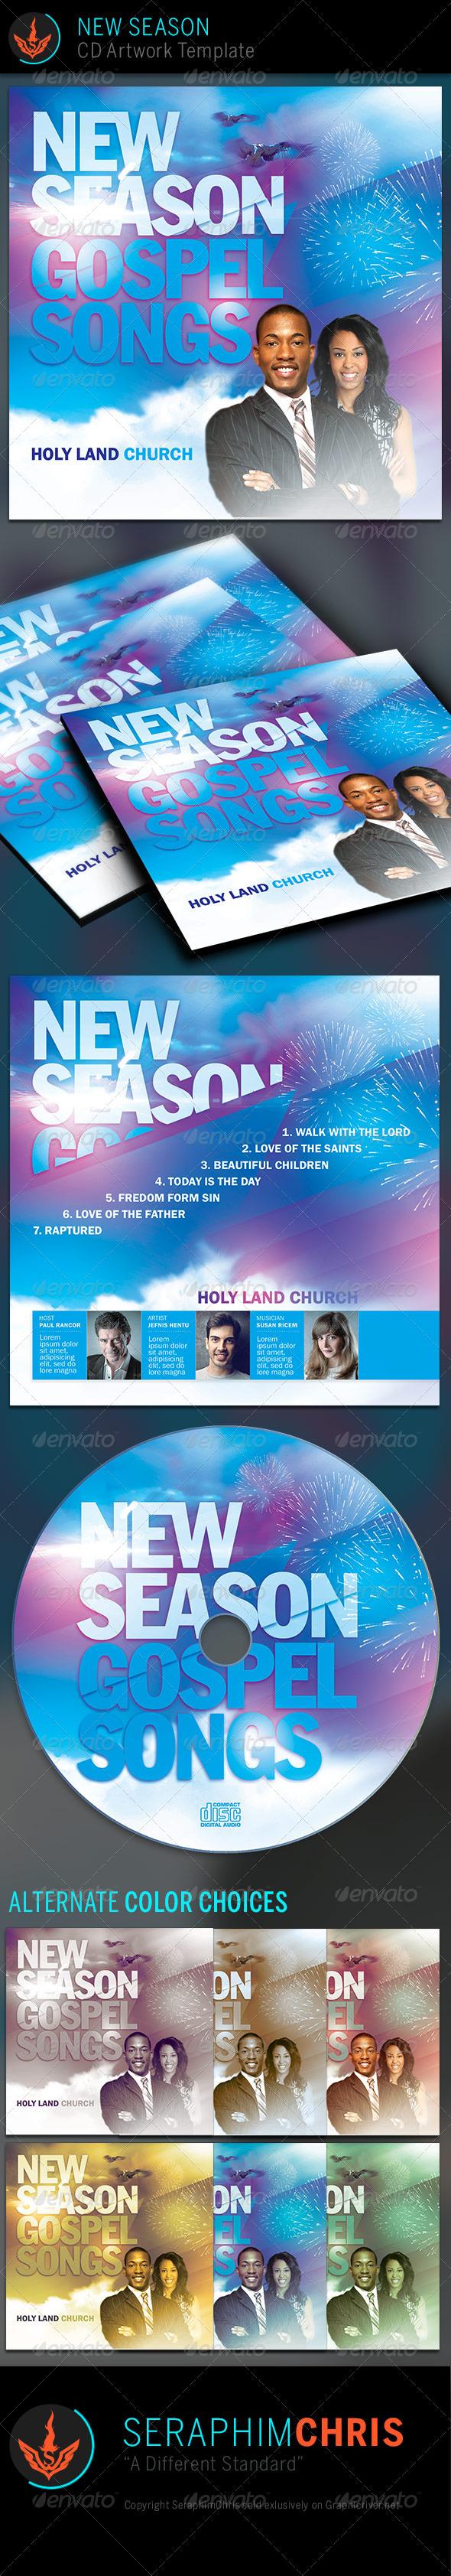 GraphicRiver New Season CD Artwork Template 7956969